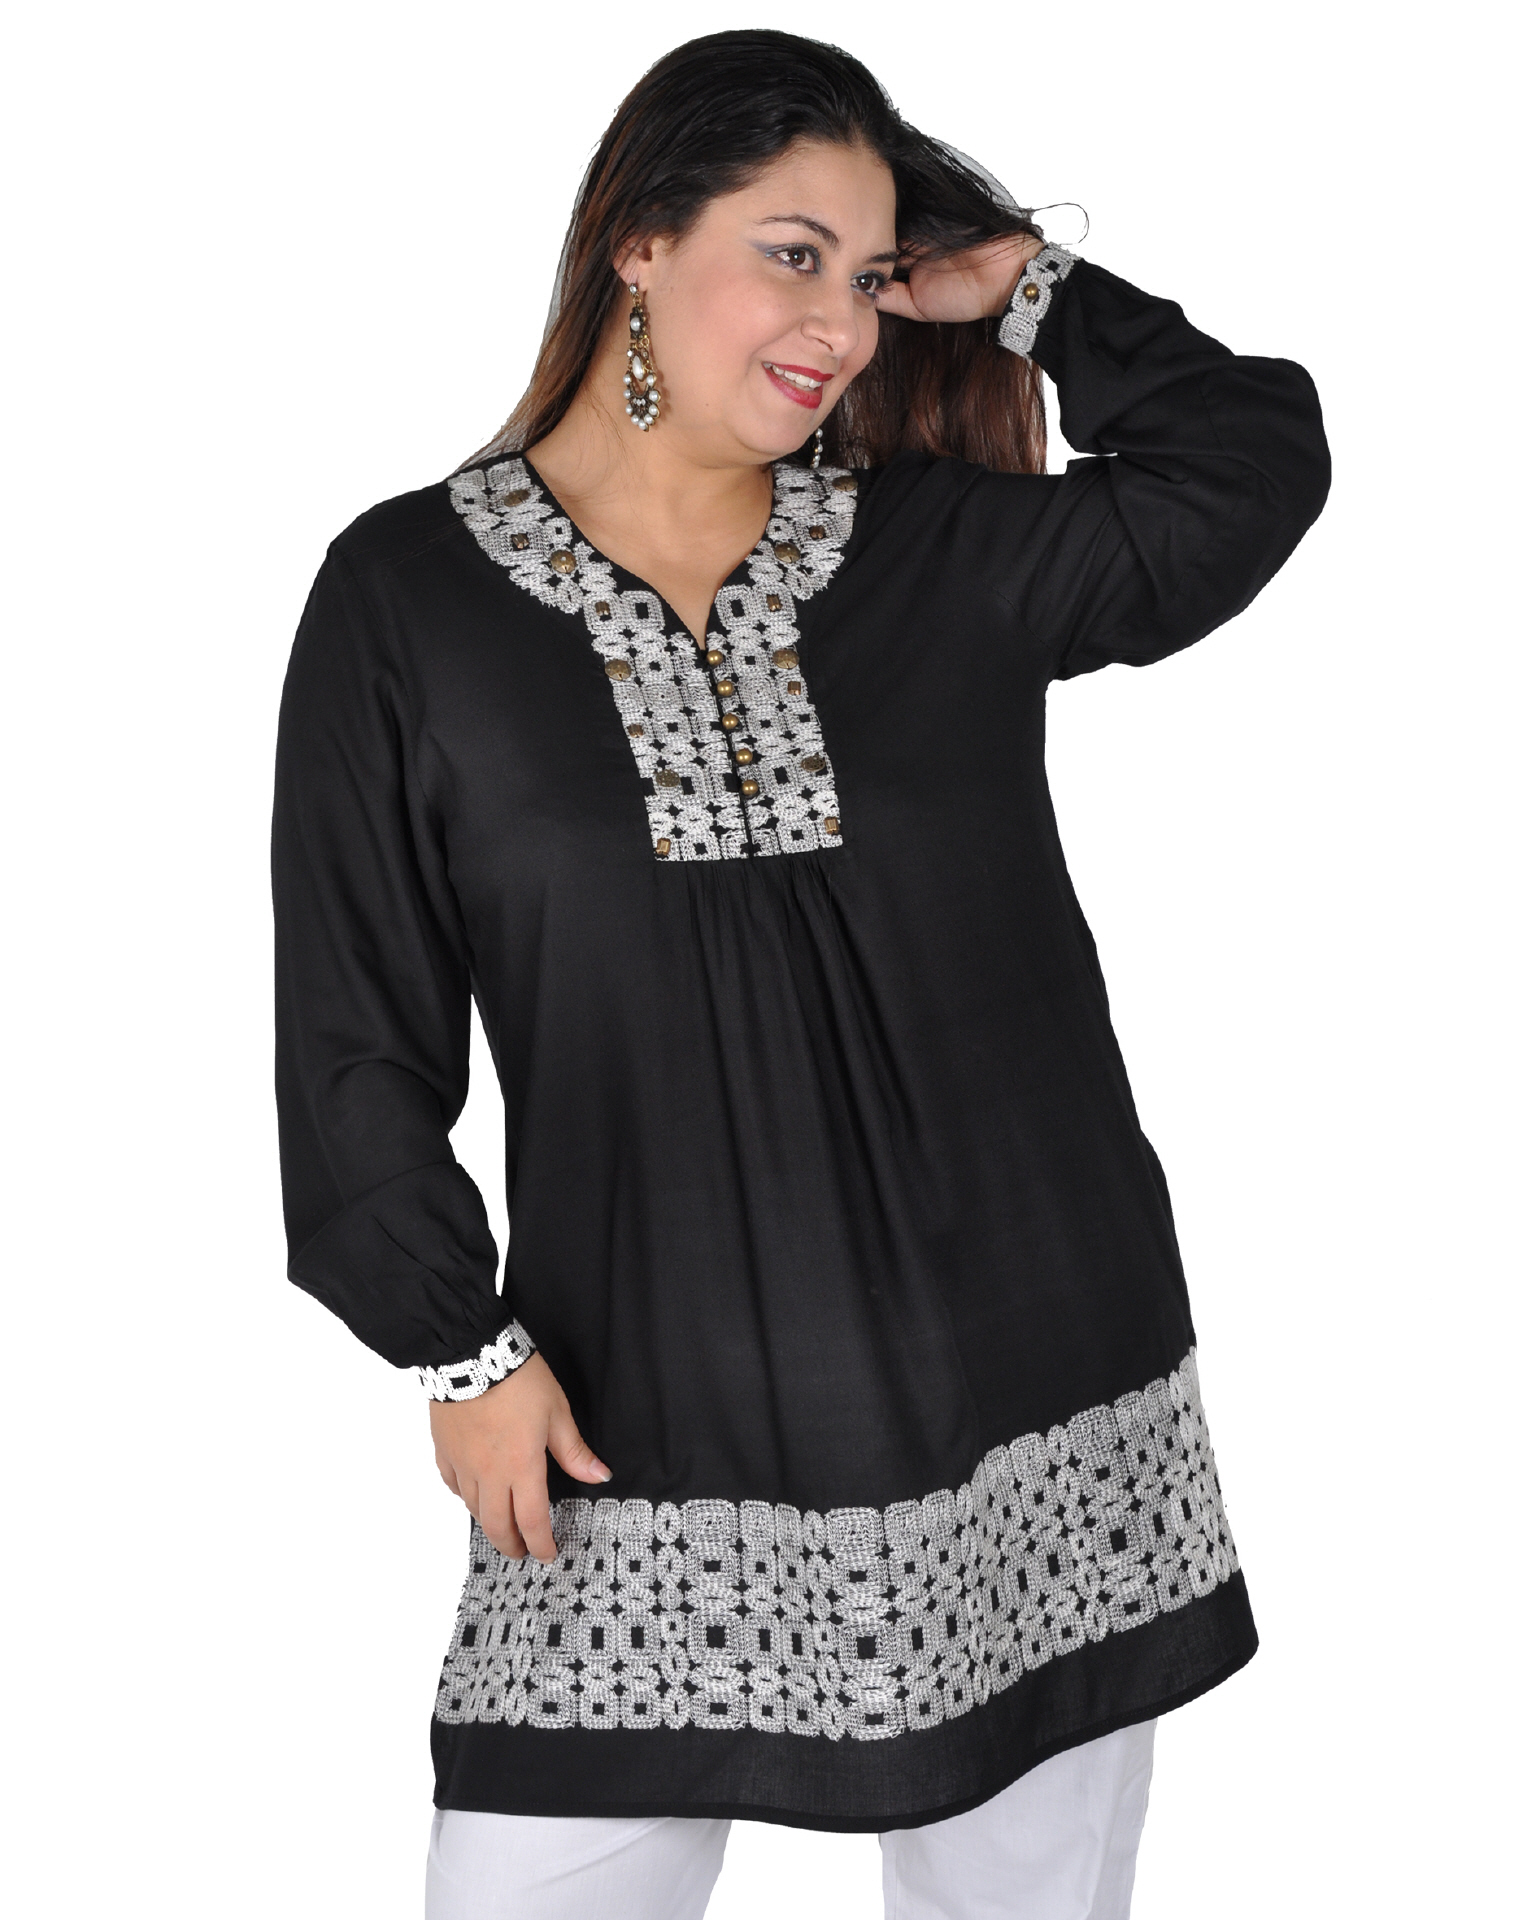 FT0052 Wunderschöne Orientalische Damen Tunika Bluse mit Stickerei in schwarz